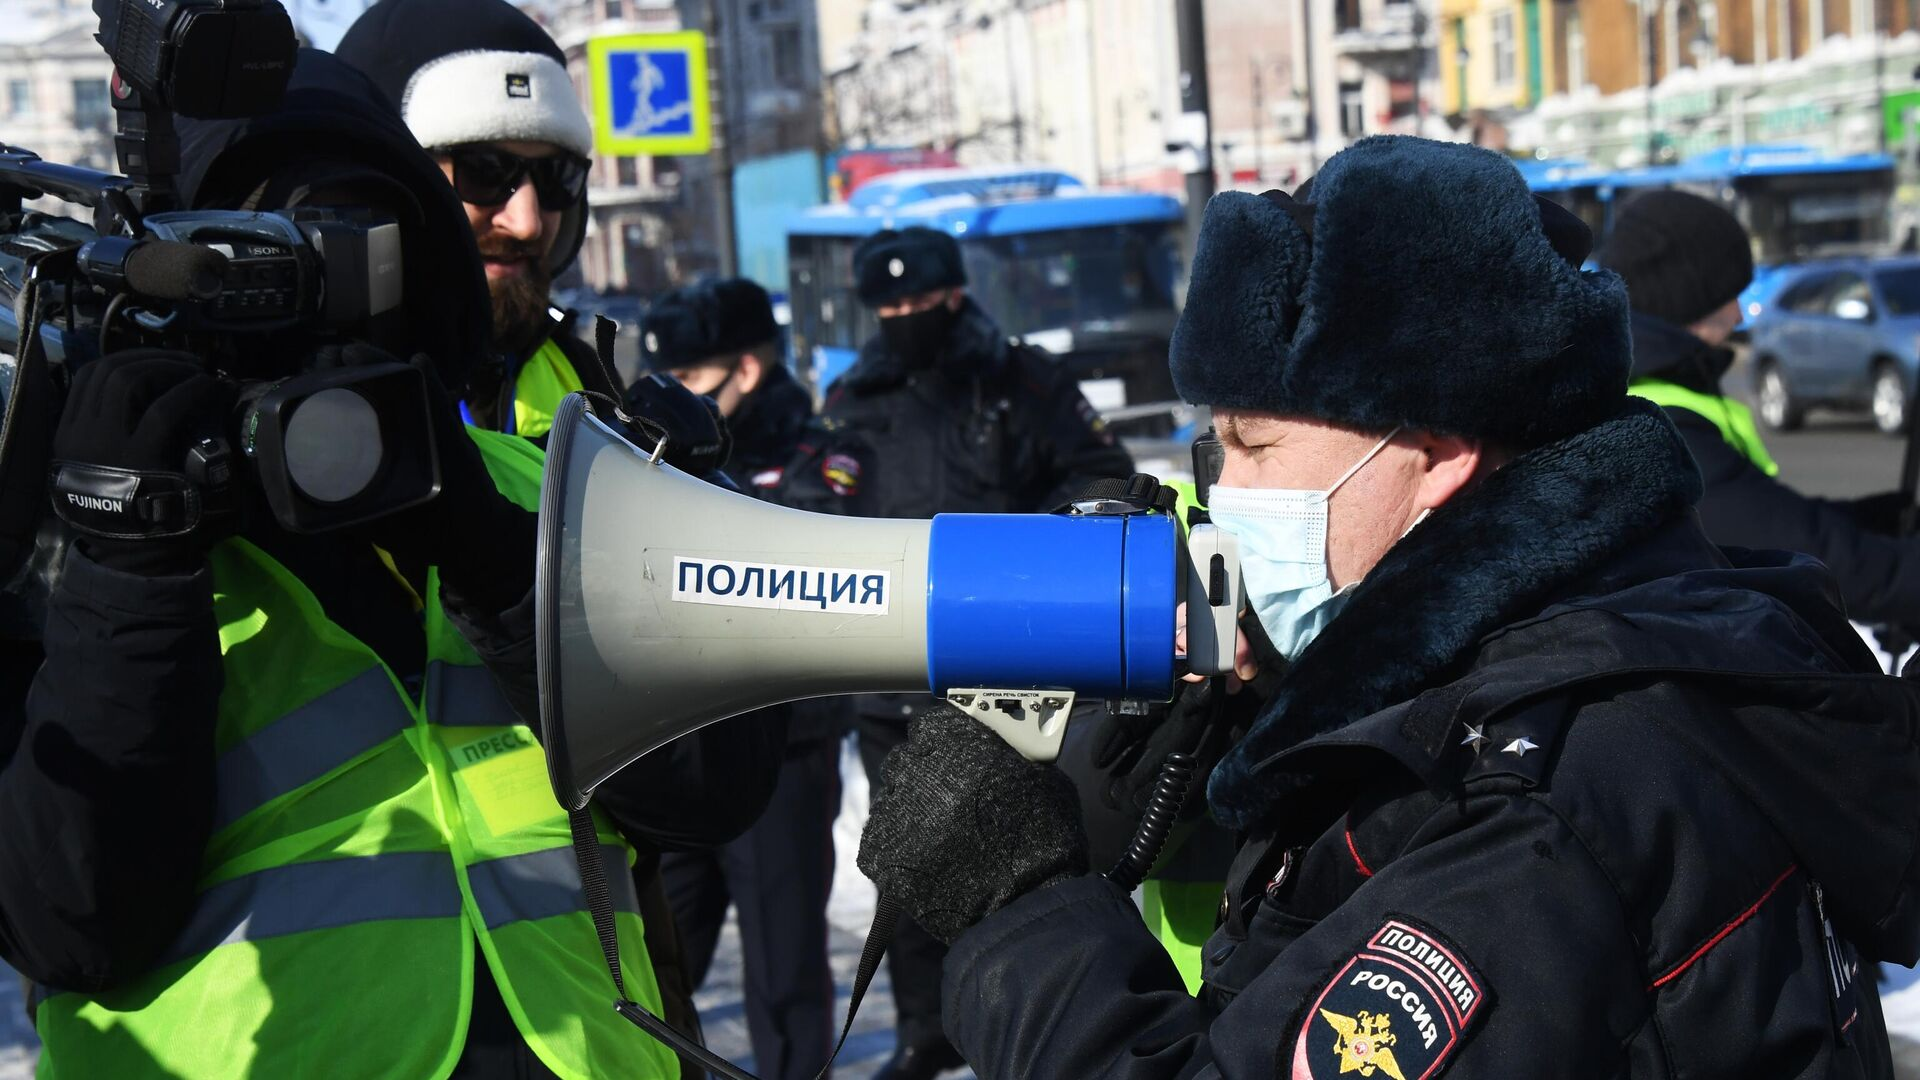 Сотрудник правоохранительных органов и журналисты во время несанкционированной акции протеста во Владивостоке - РИА Новости, 1920, 05.02.2021